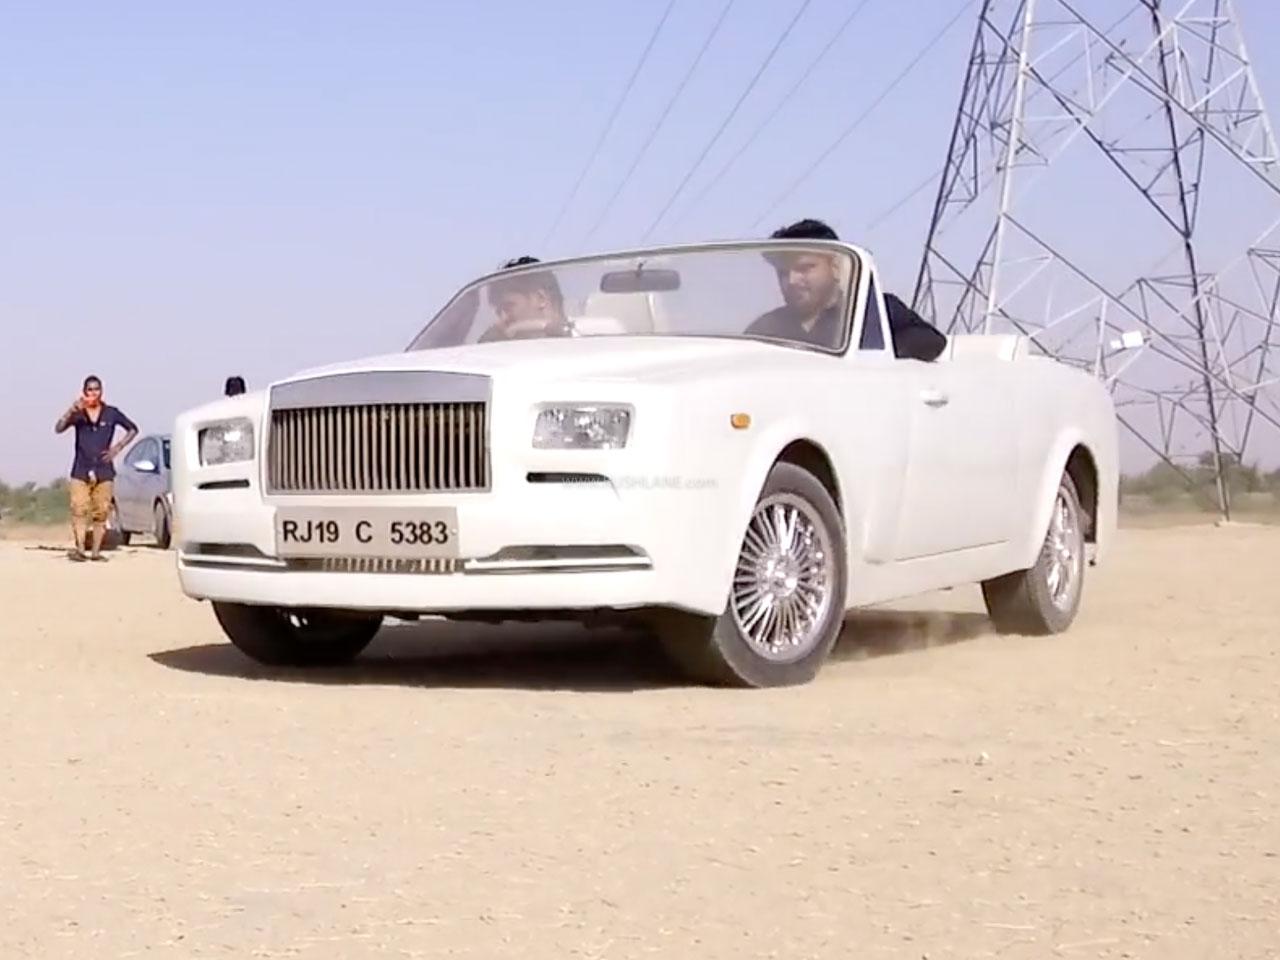 Fiat 124 based Premier 118NE modified into a Rolls Royce – Video